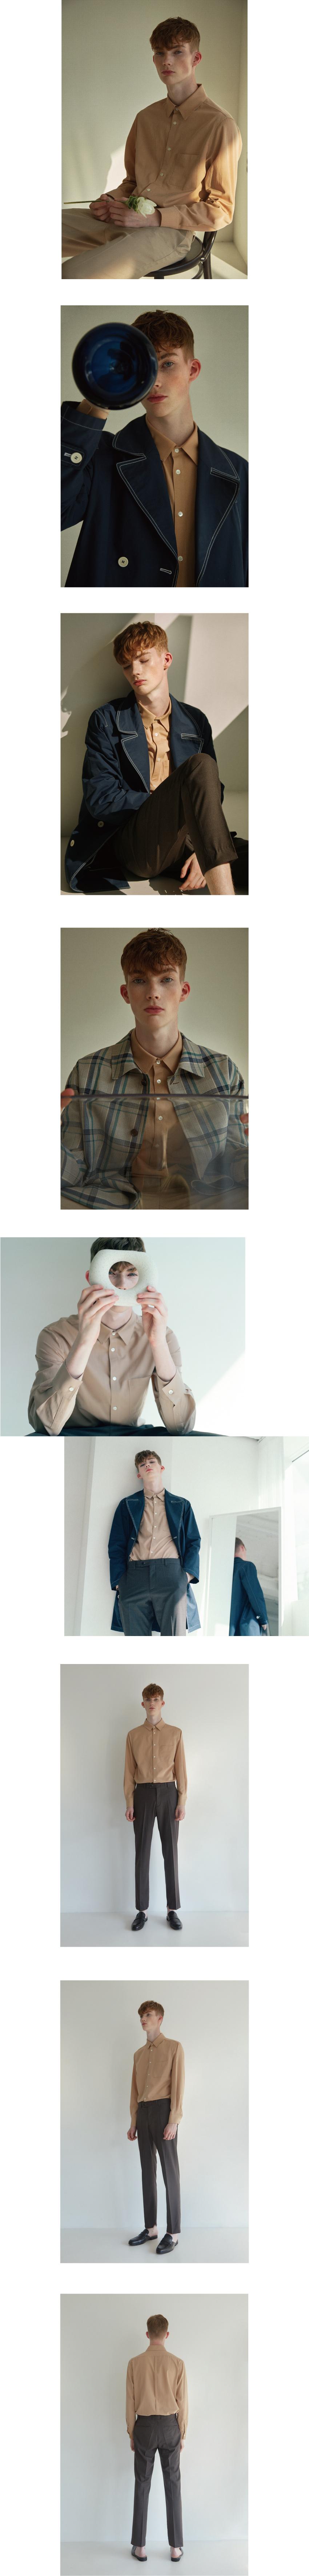 로사이어티(ROCIETY) 스탠다드 리파인드 베이지 셔츠